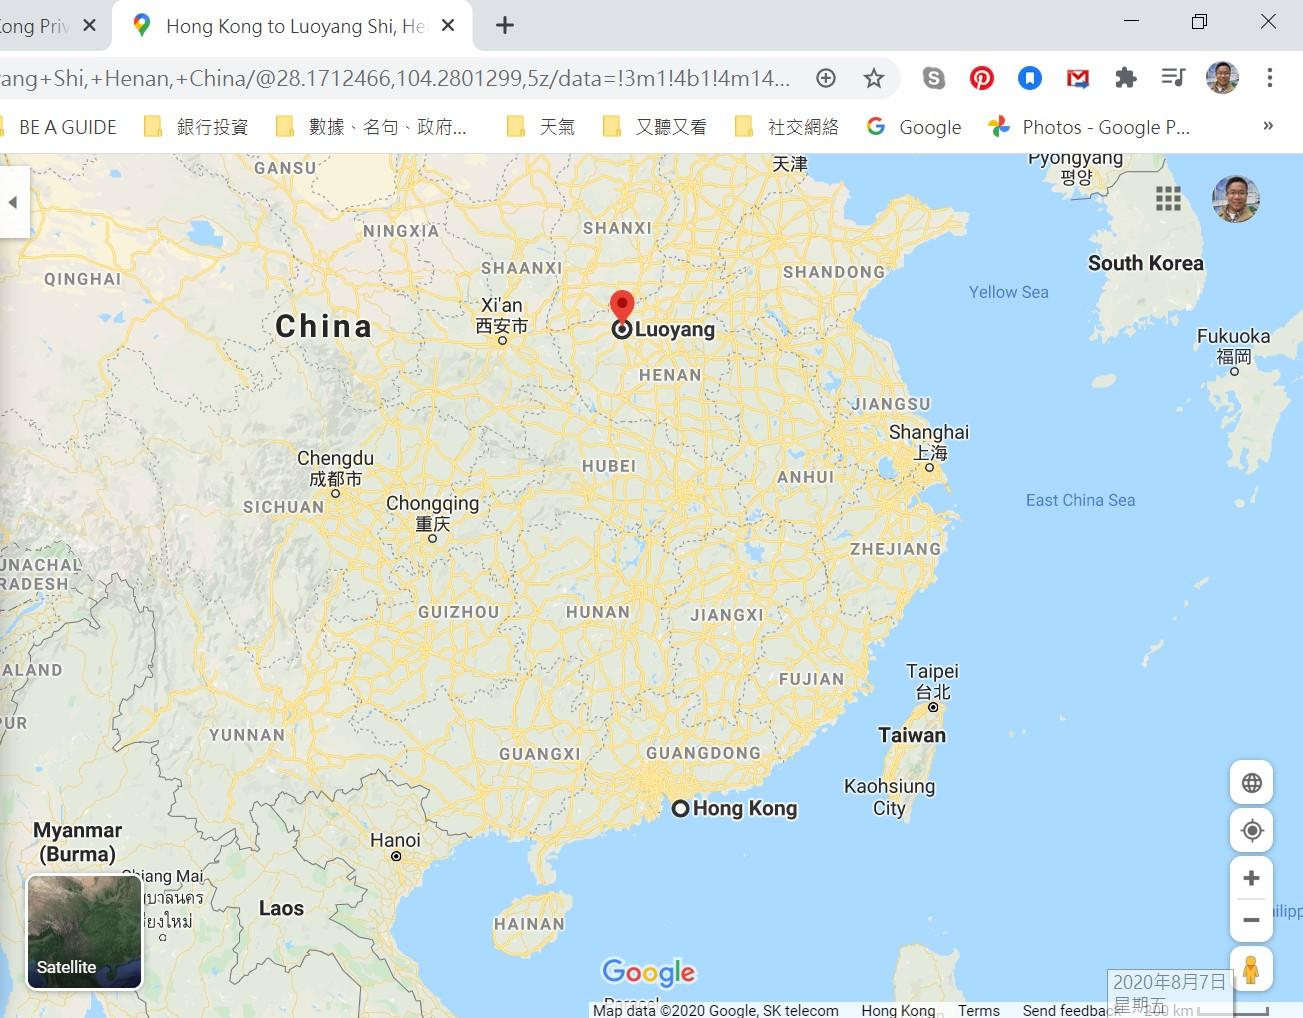 Google map, Hong Kong, Luoyang